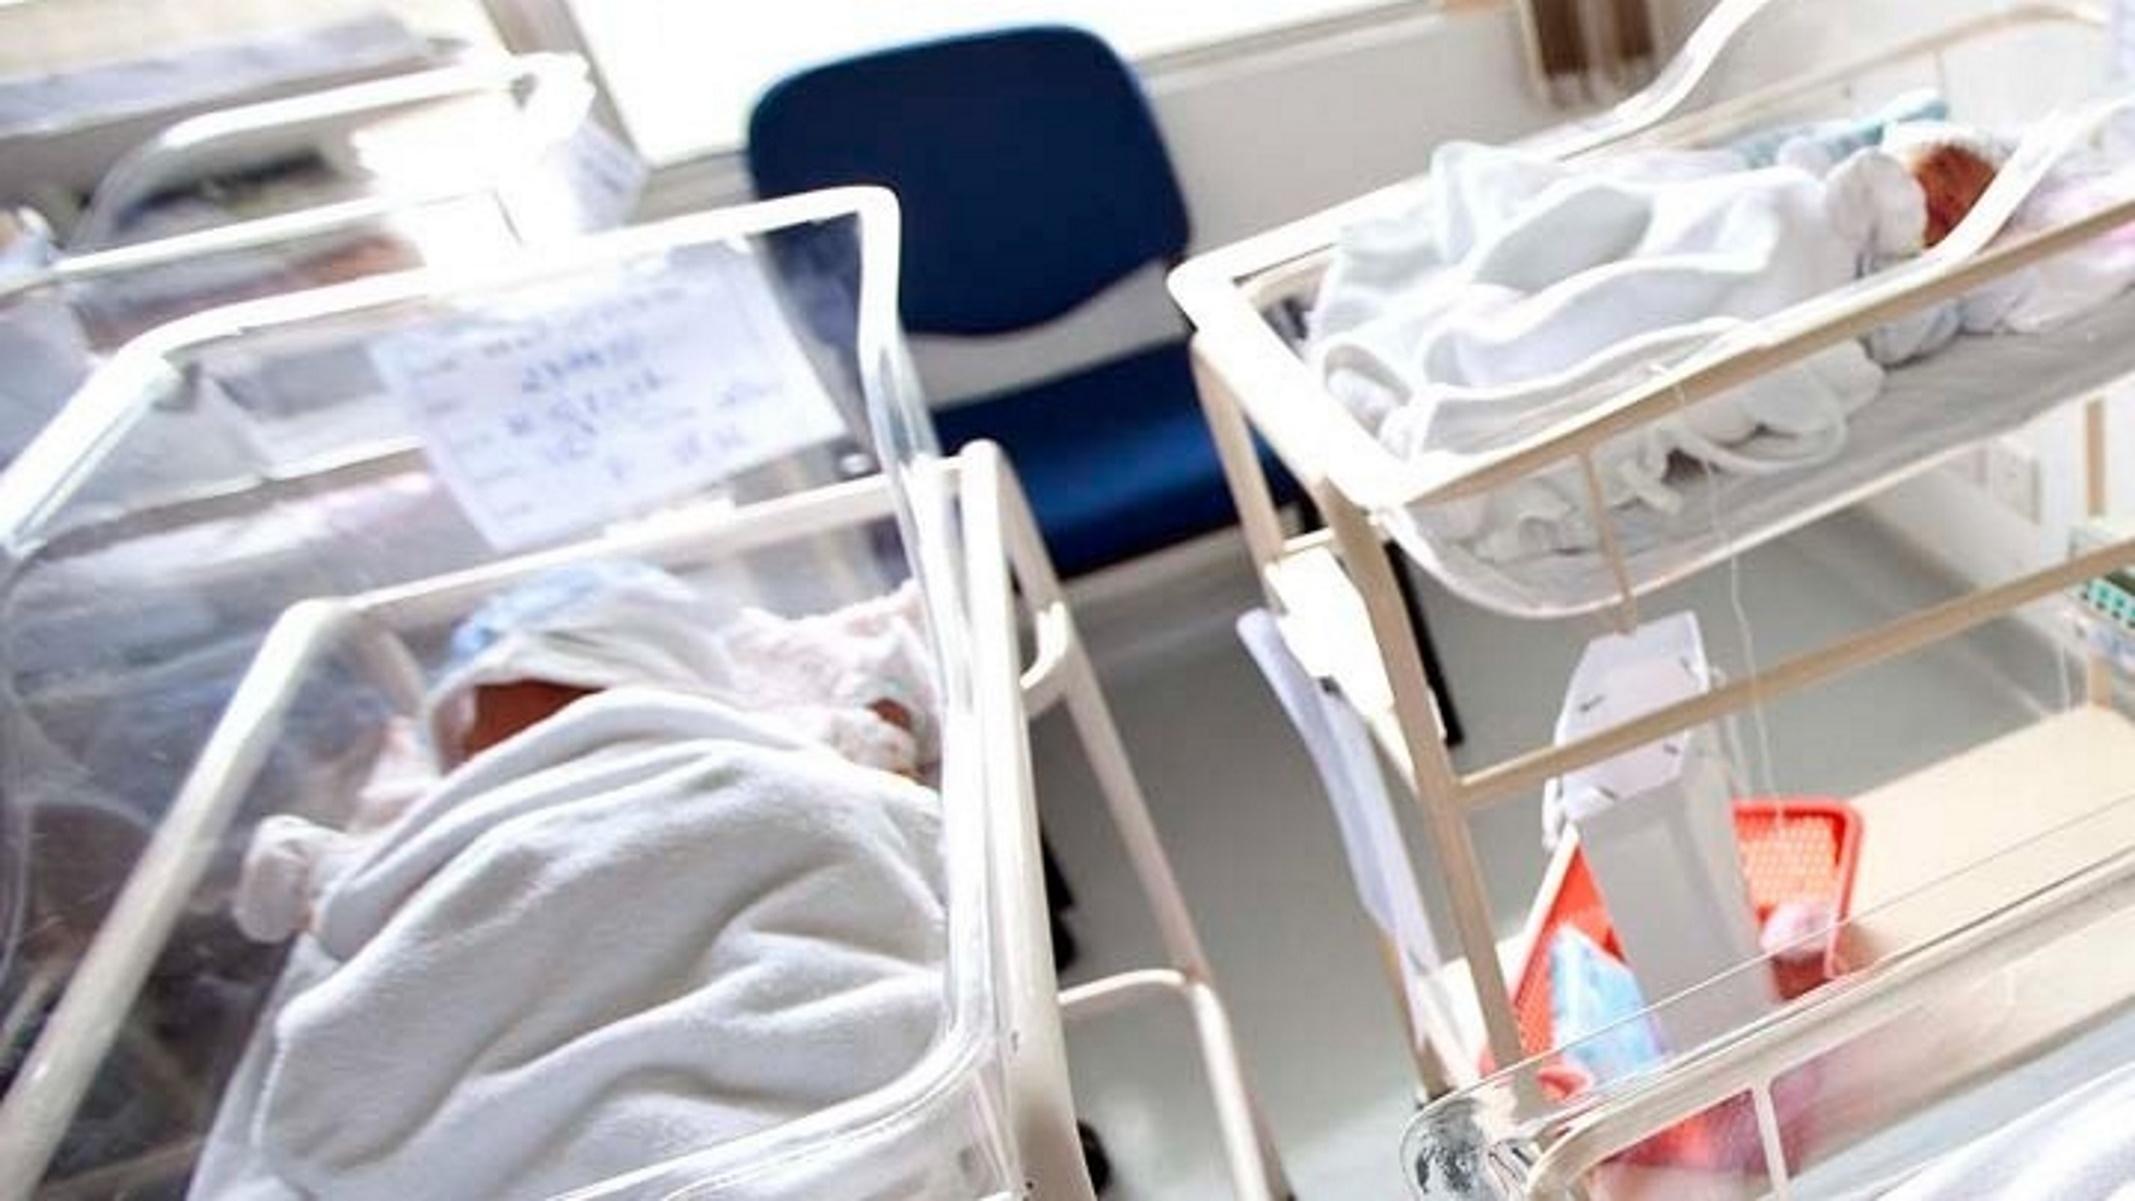 Λάρισα: Πέθανε νεογέννητο βρέφος στο νοσοκομείο